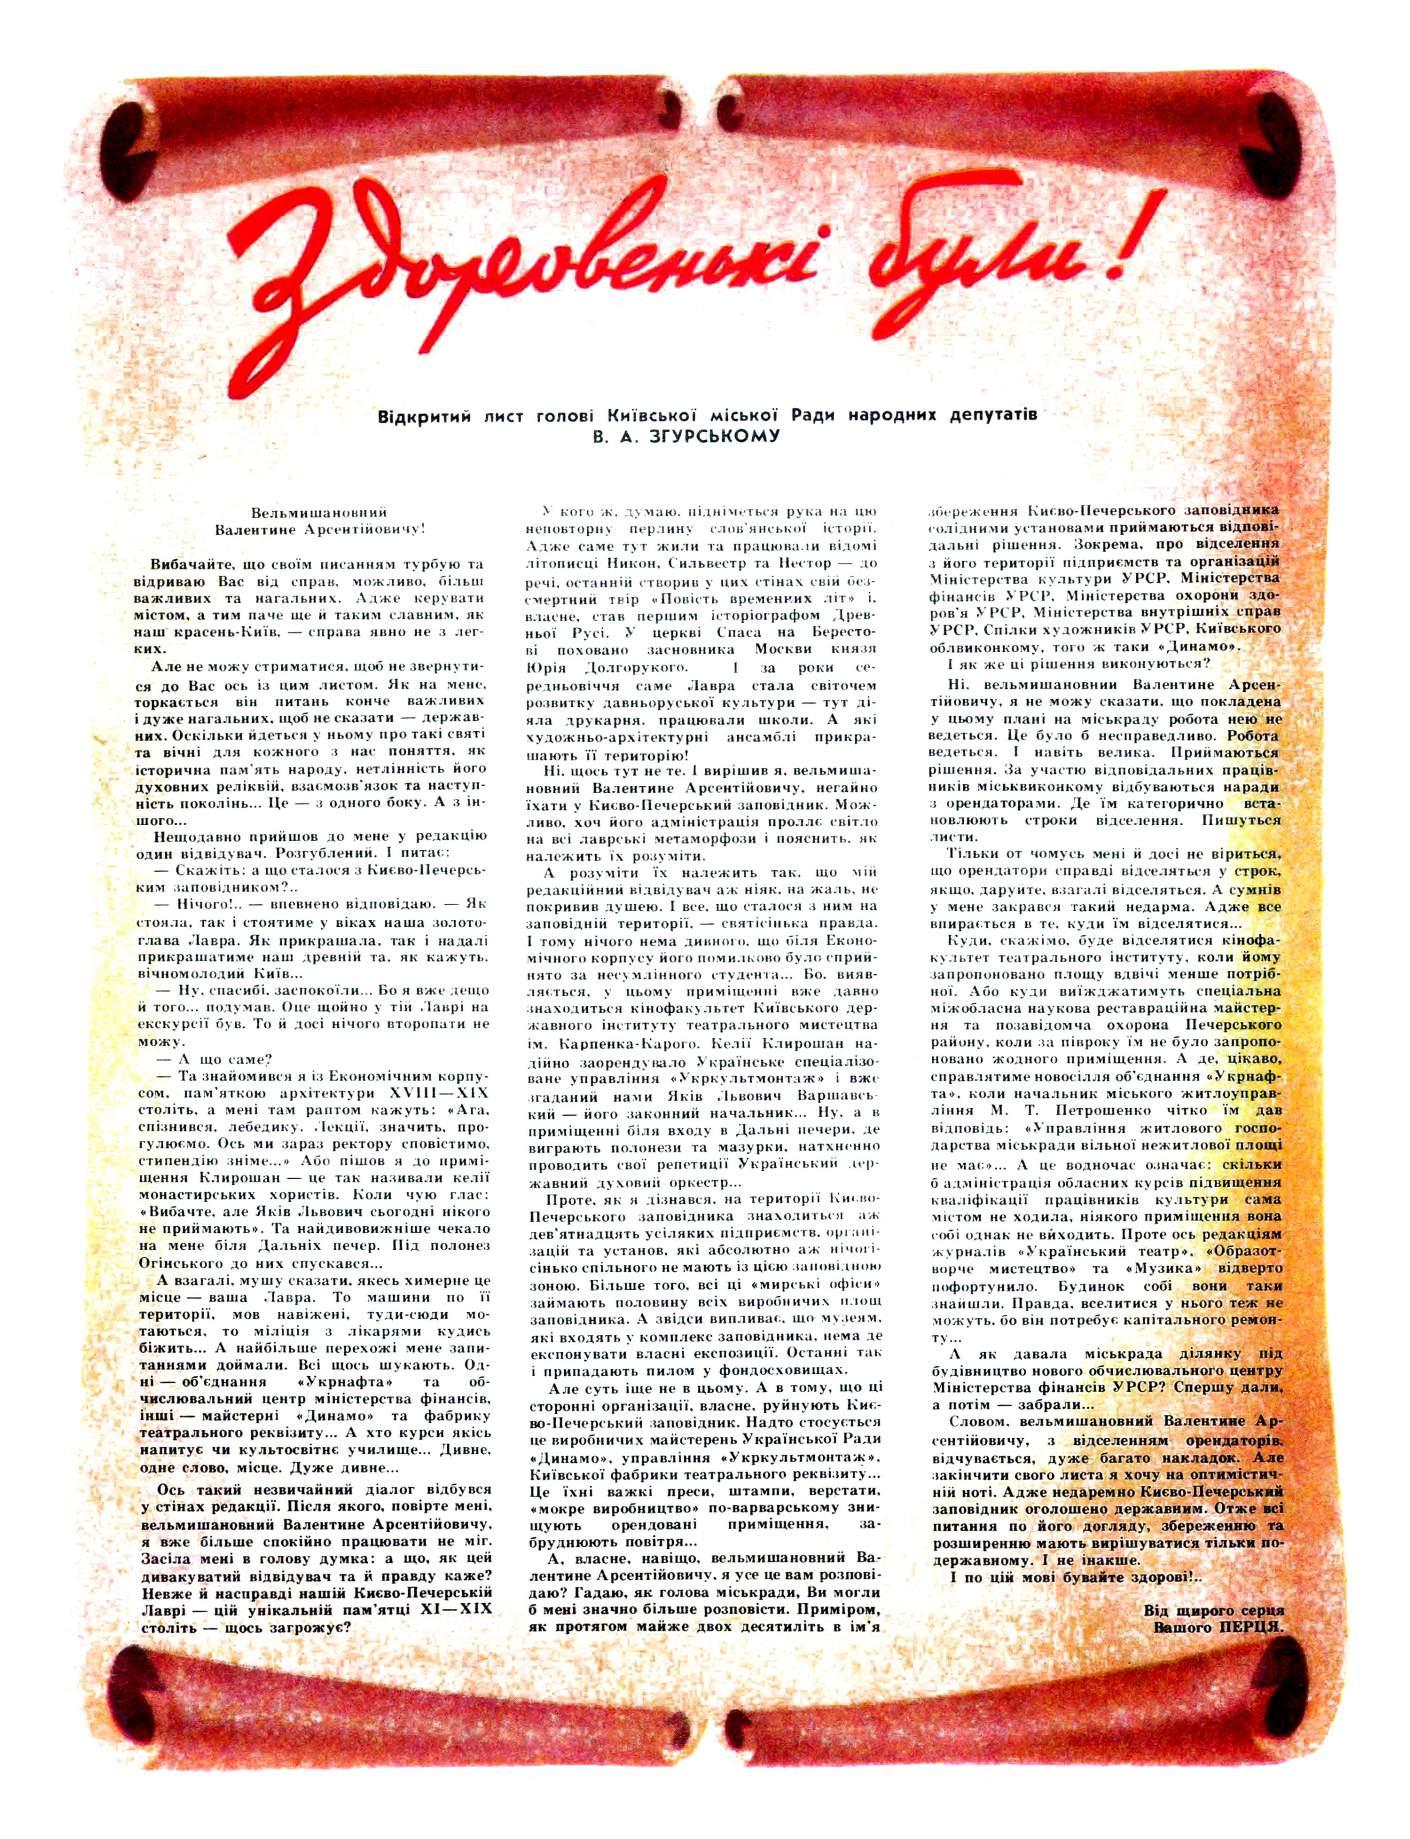 Журнал перець 1987 №09